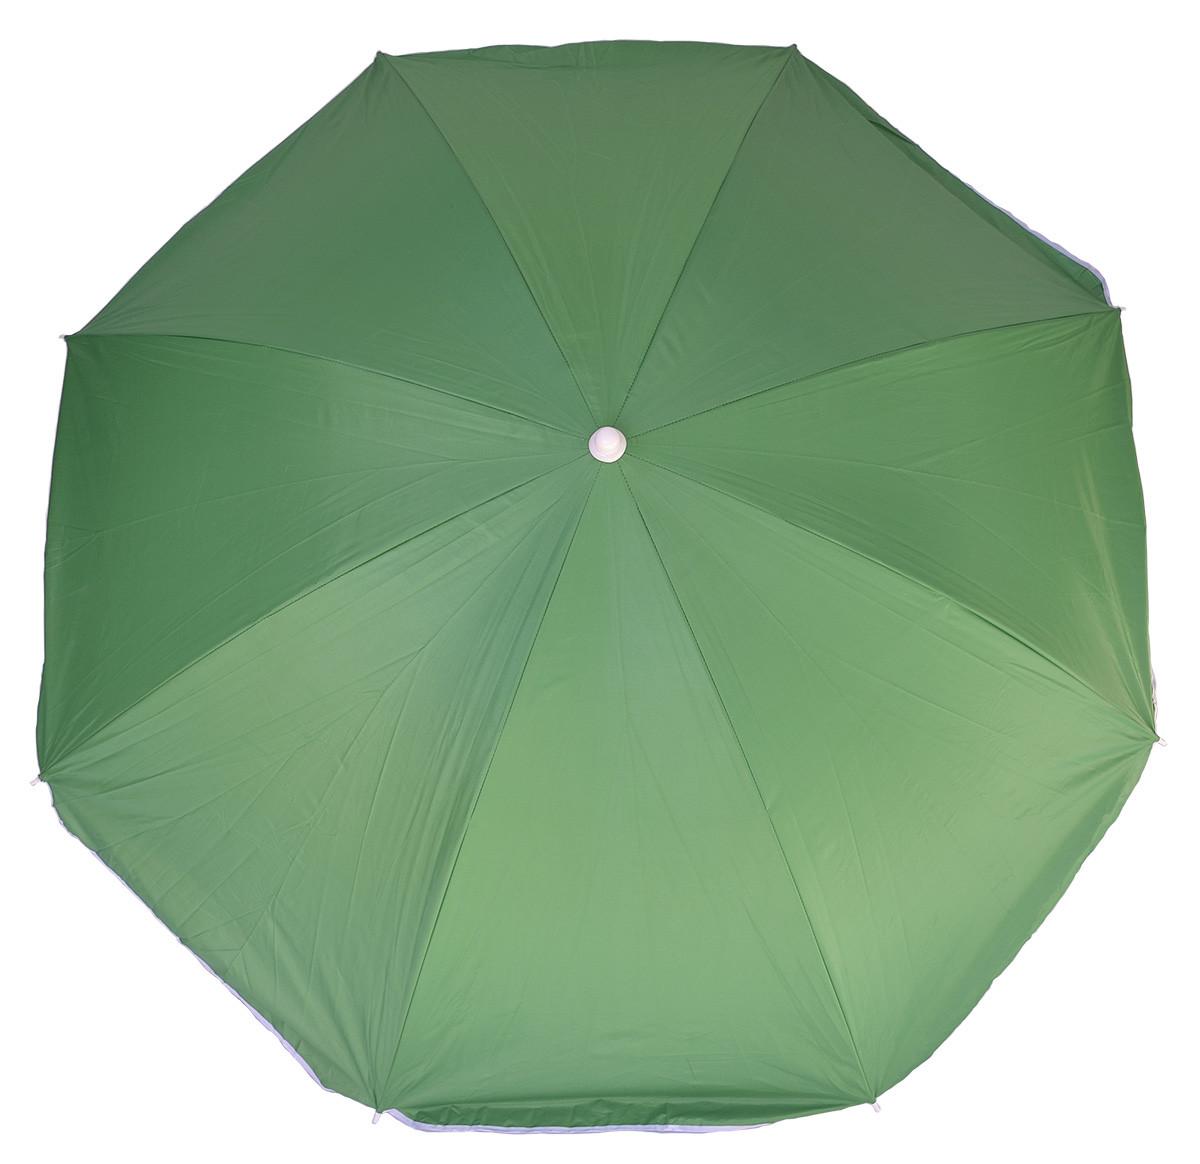 Зонт пляжный торговый однотонный 2.0 м с наклоном